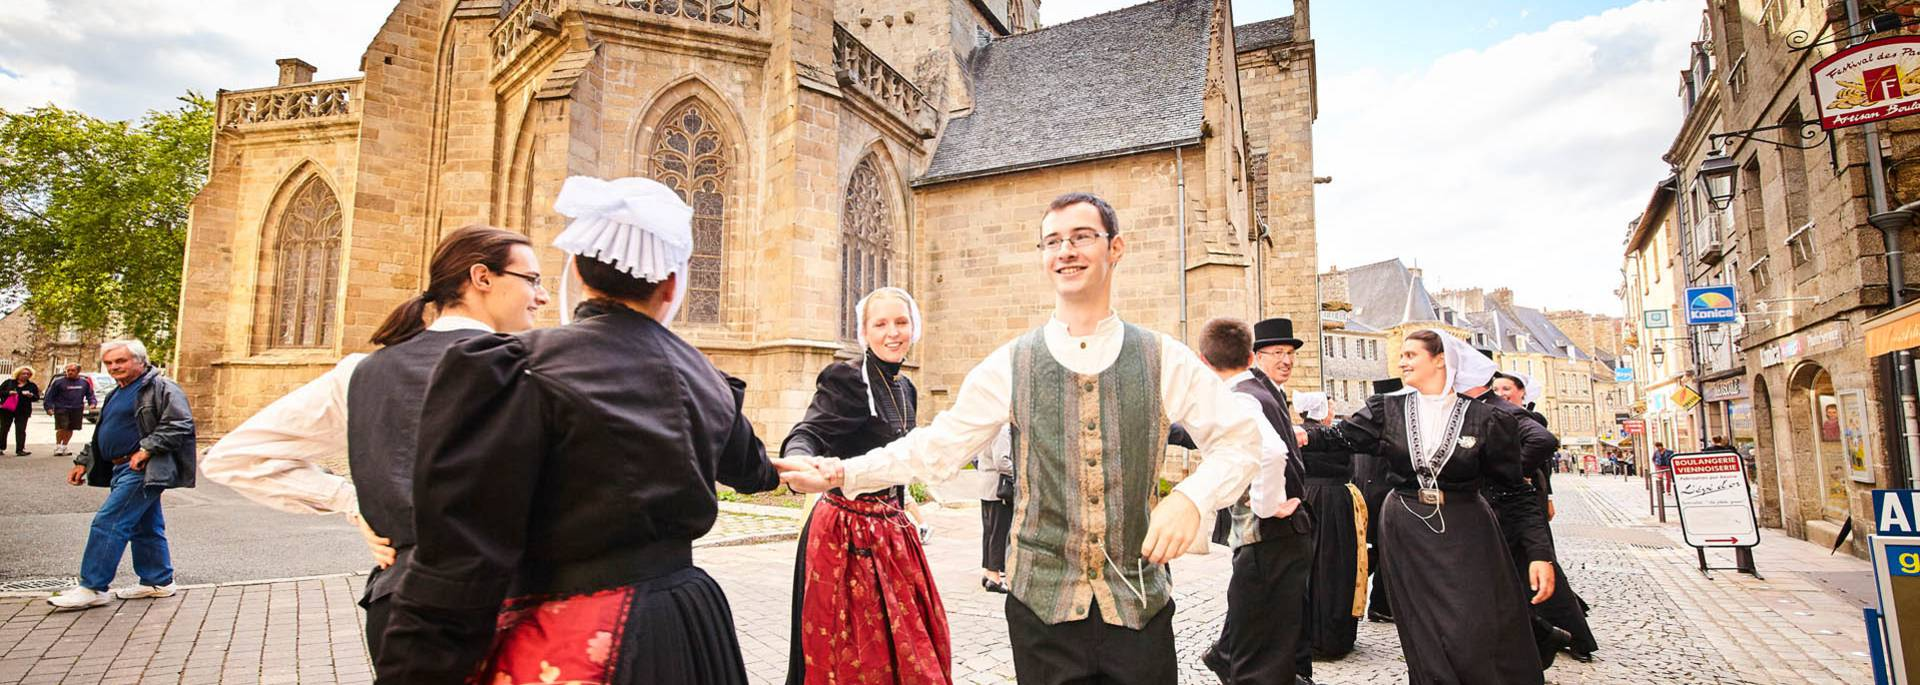 La Dérobée pendant le Festival de la St Loup à Guingamp ©A. Lamoureux